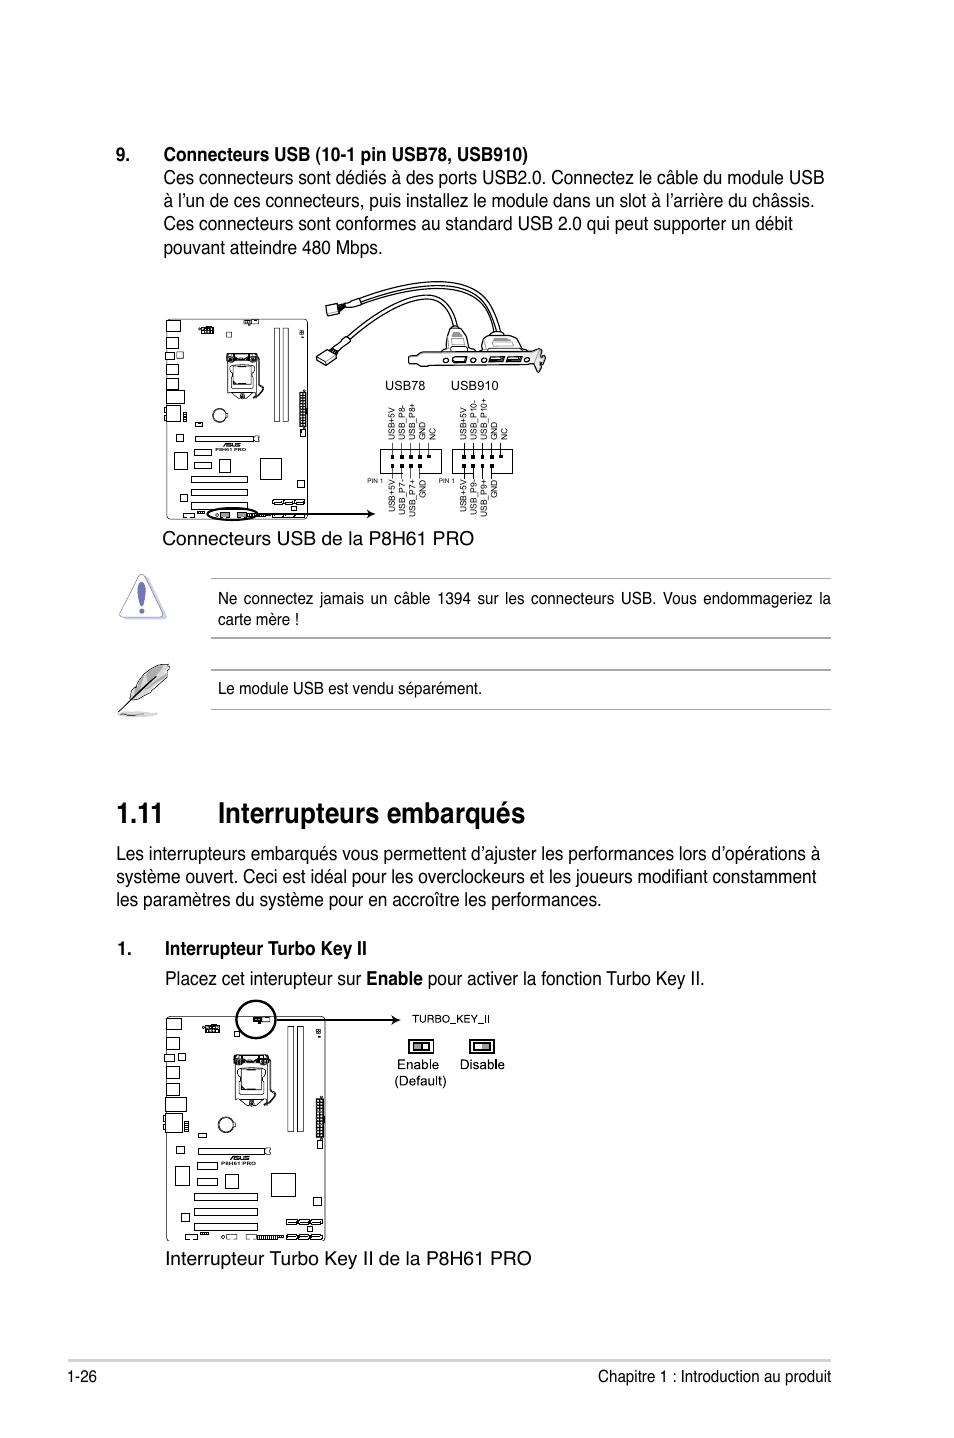 11 interrupteurs embarqués, Connecteurs usb de la p8h61 pro